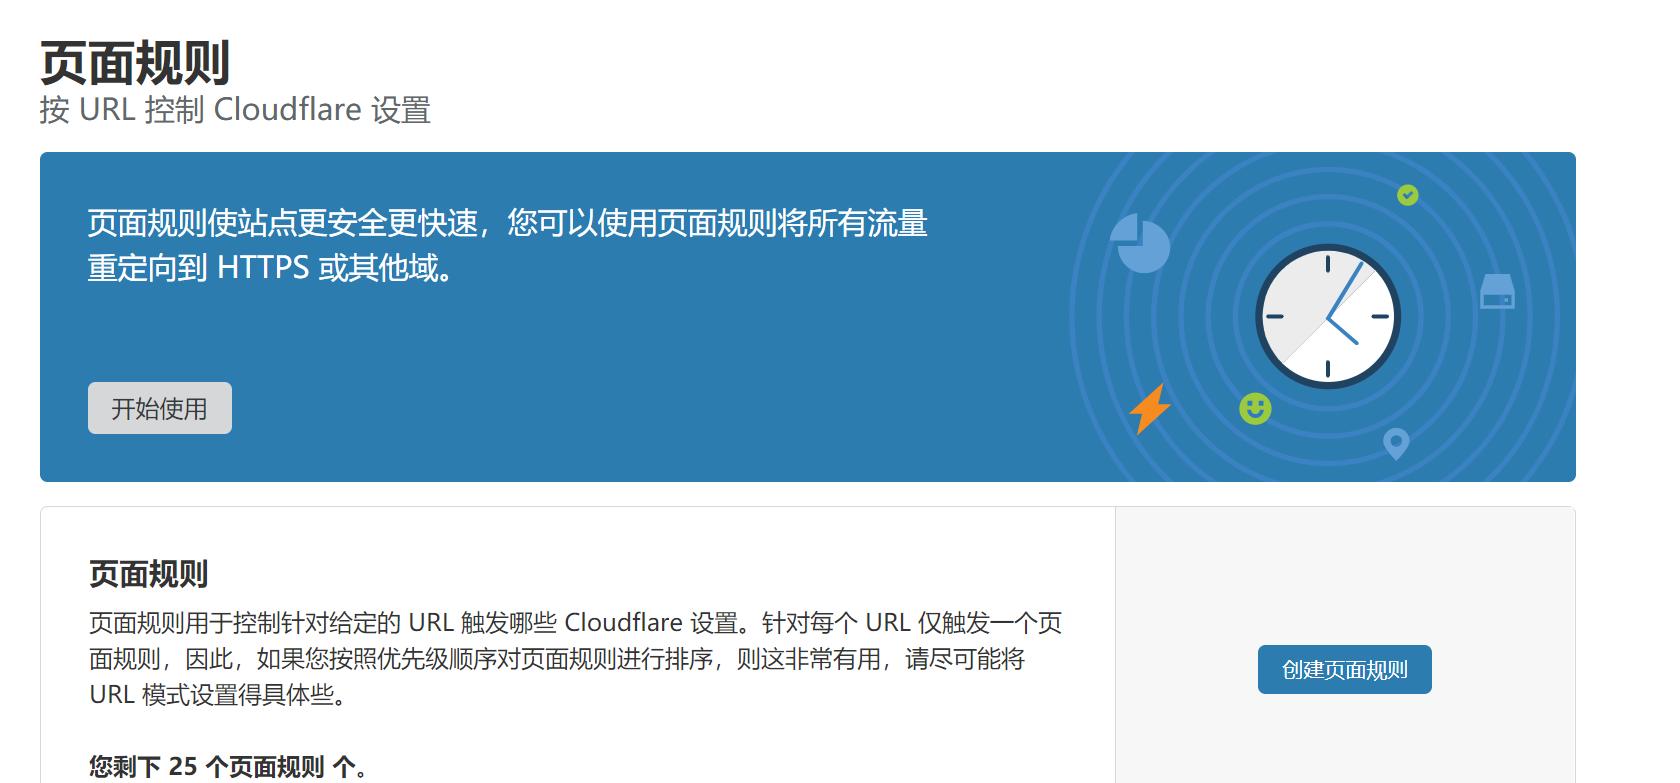 https://cdn.jsdelivr.net/gh/wangyaojiu/tuchuang@master/2020112811074860e6998e930dcb446e2eccad19bc6f68.PNG